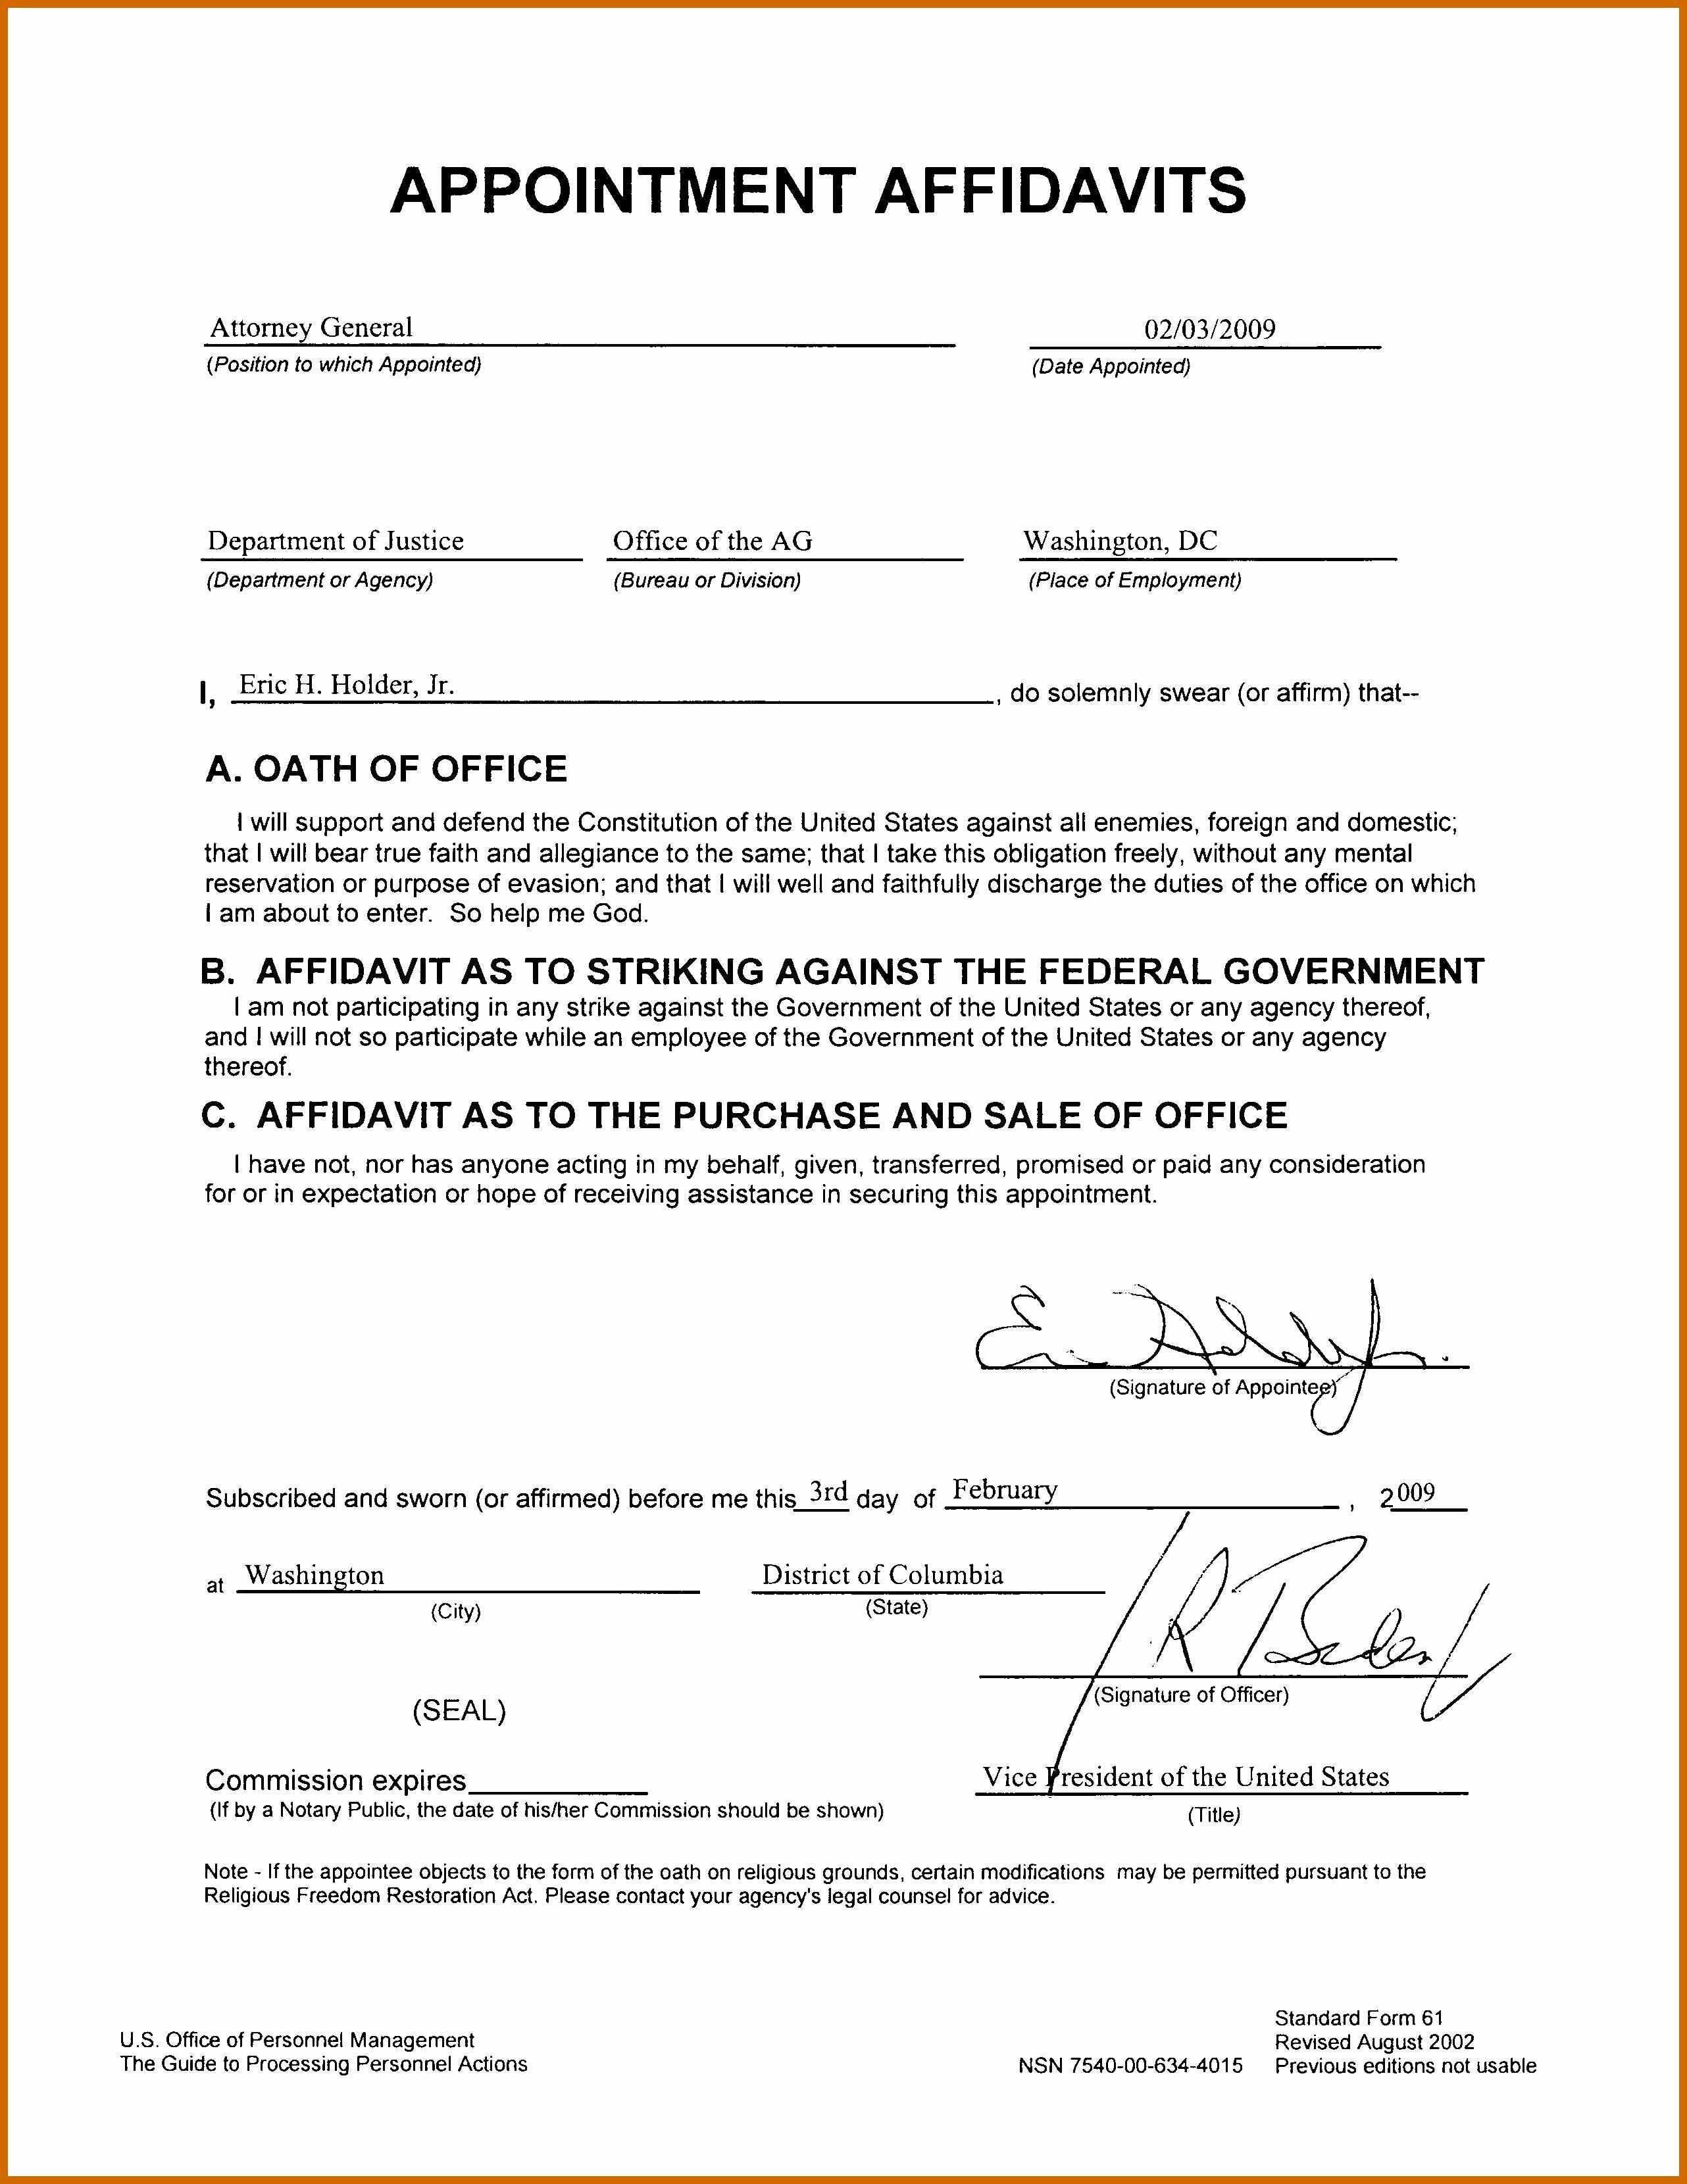 Sample Of Affidavit Of Support Letter Fresh 3 4 Affidavit Sample Letter